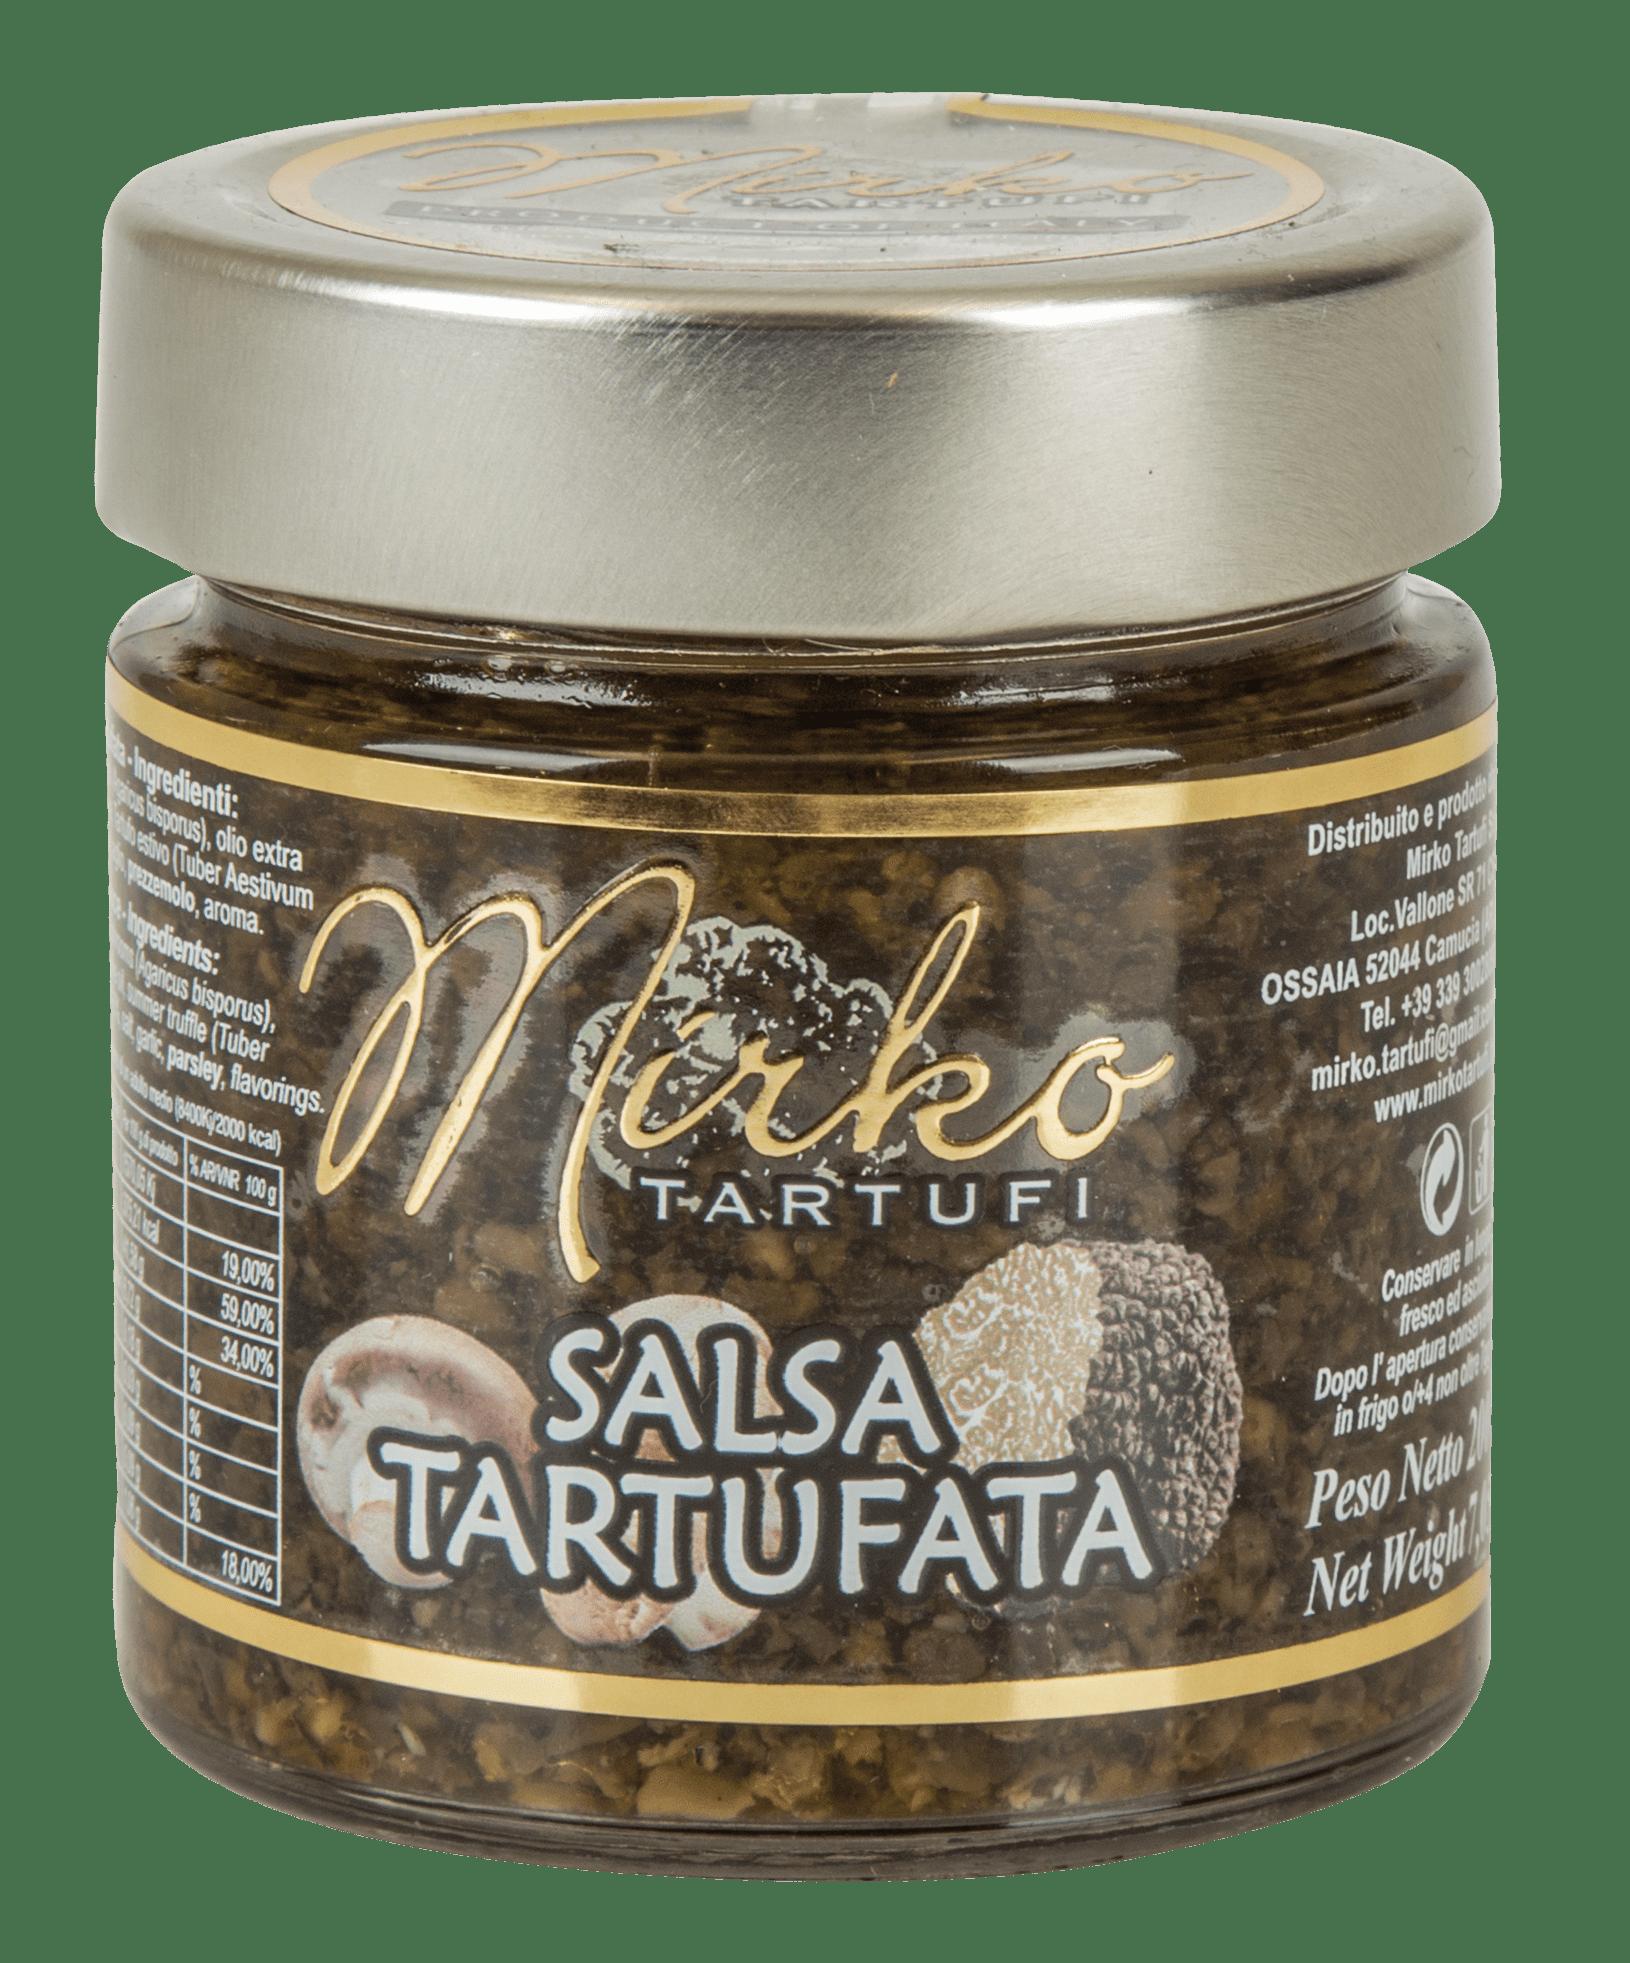 Salsa Tartufata 5% Tartufo 200g